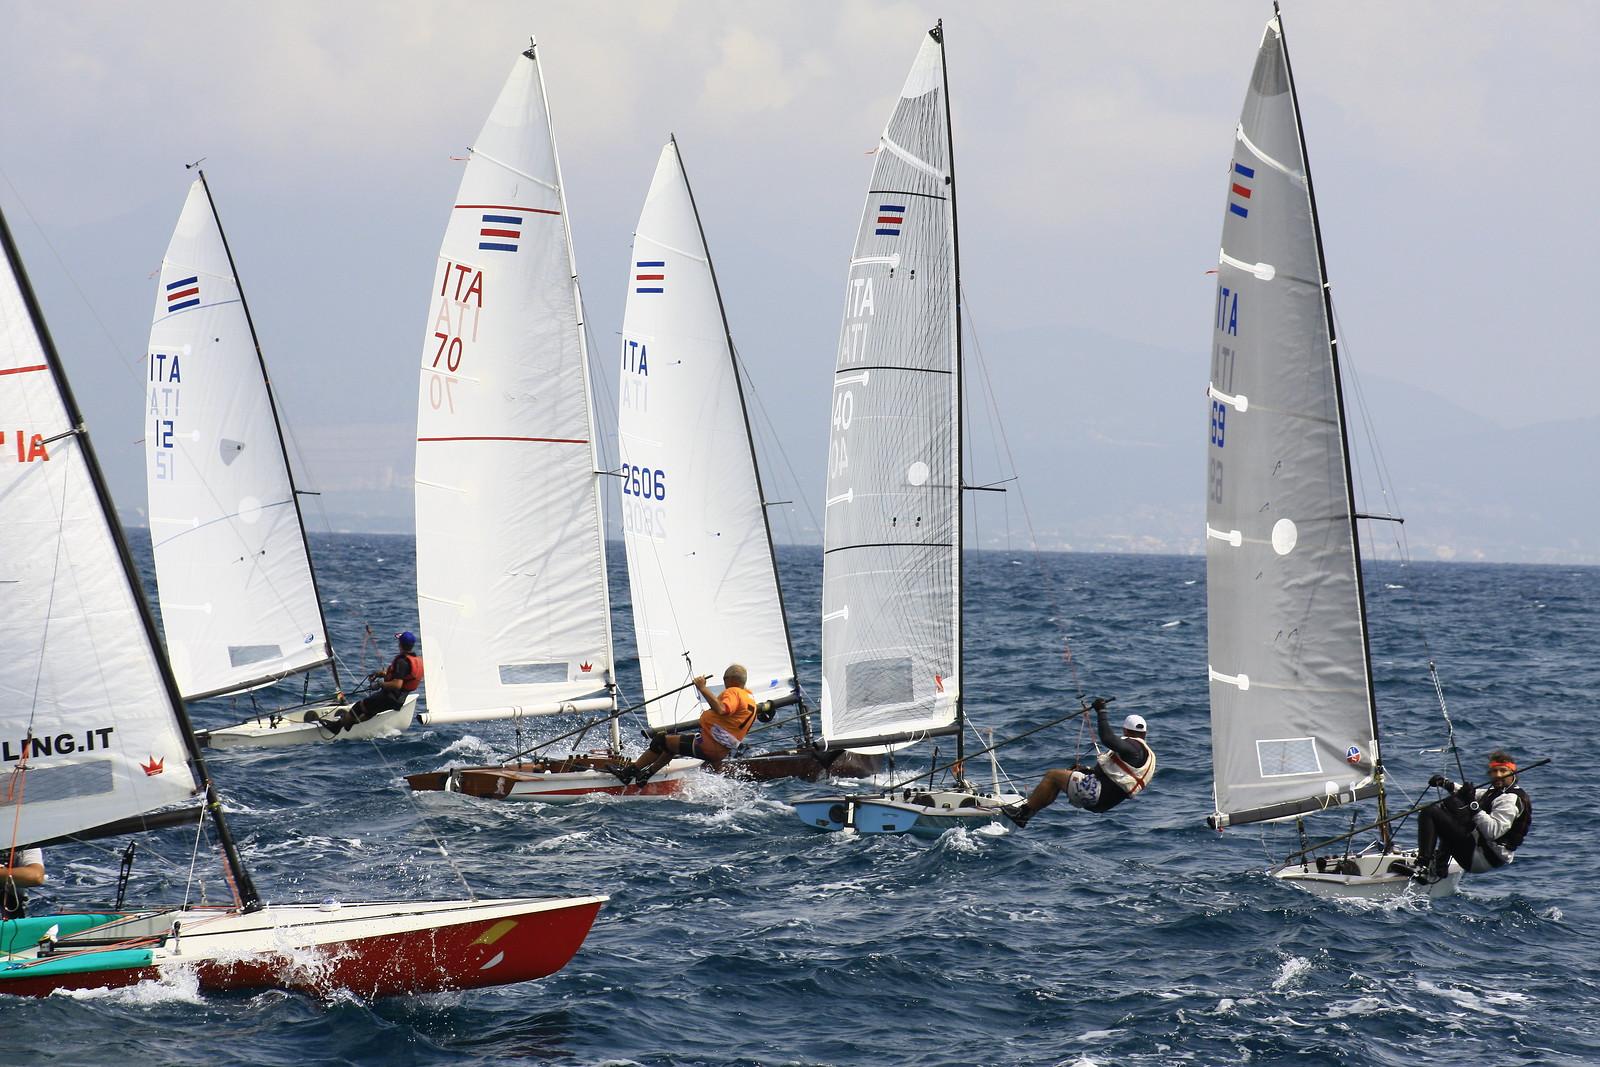 San Felice Circeo 2015 - Campionato Nazionale